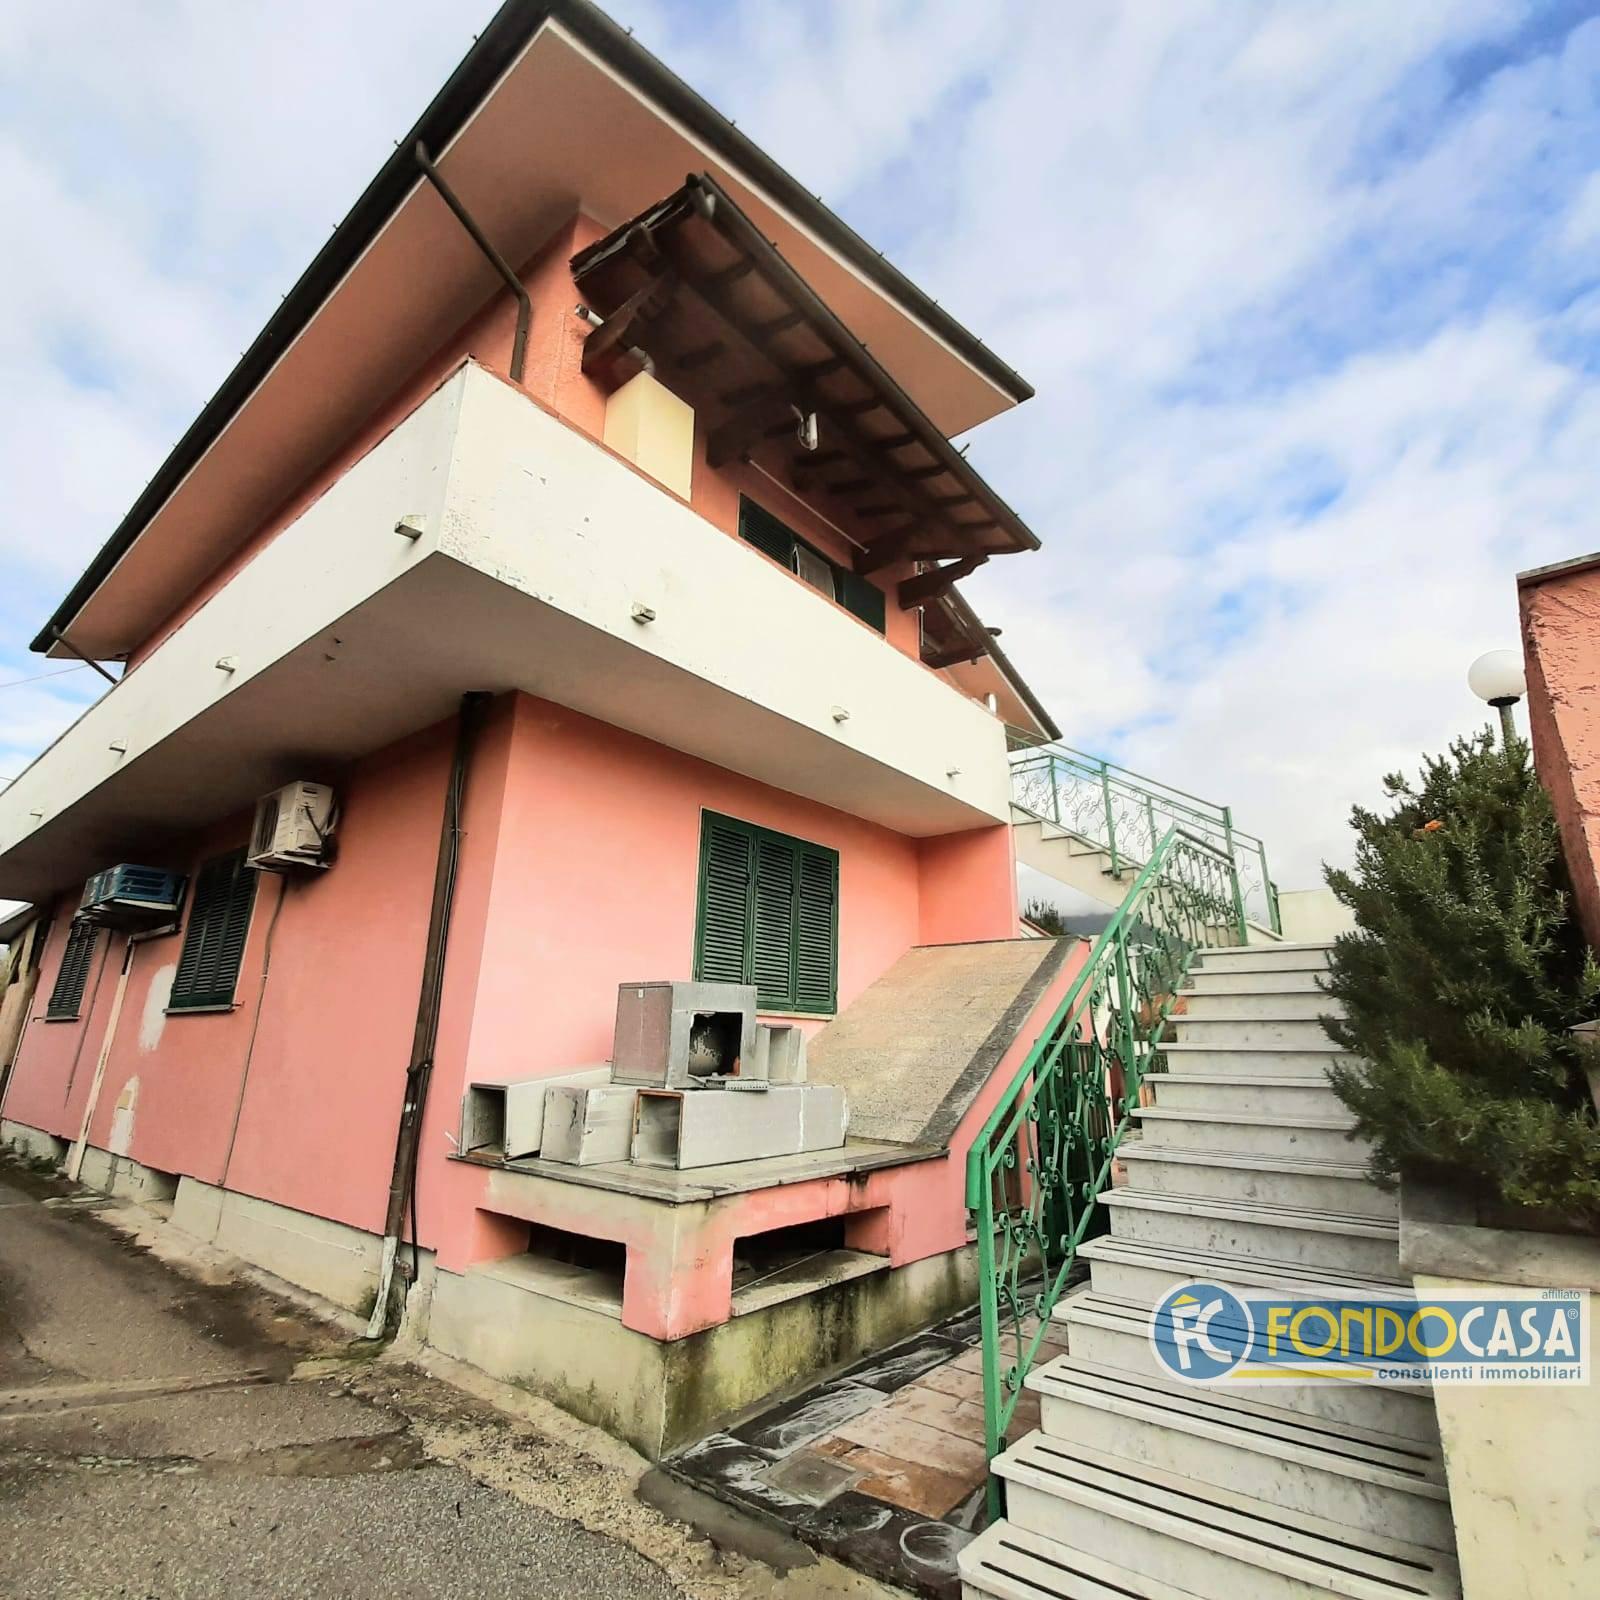 Appartamento in vendita a Seravezza, 4 locali, prezzo € 199.800 | CambioCasa.it